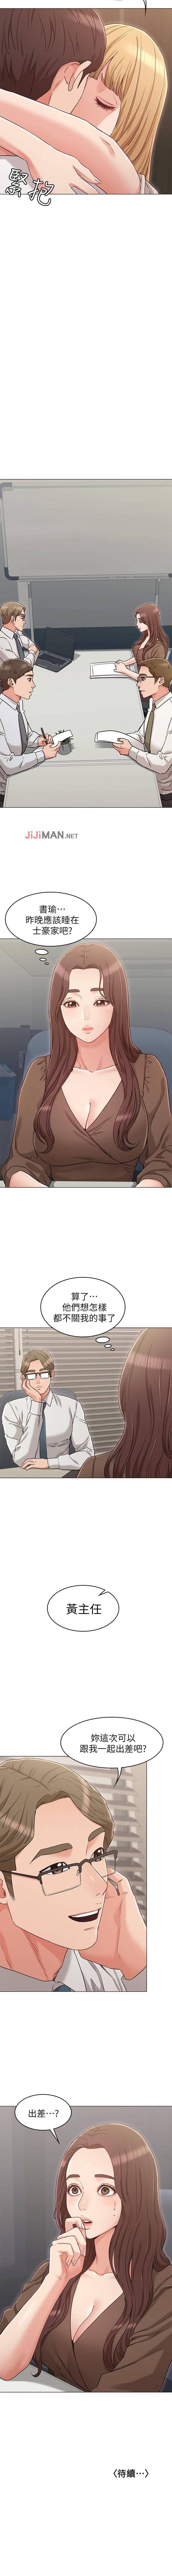 【周六连载】女友的姐姐(作者:橡果人&獵狗) 第1~23话 162